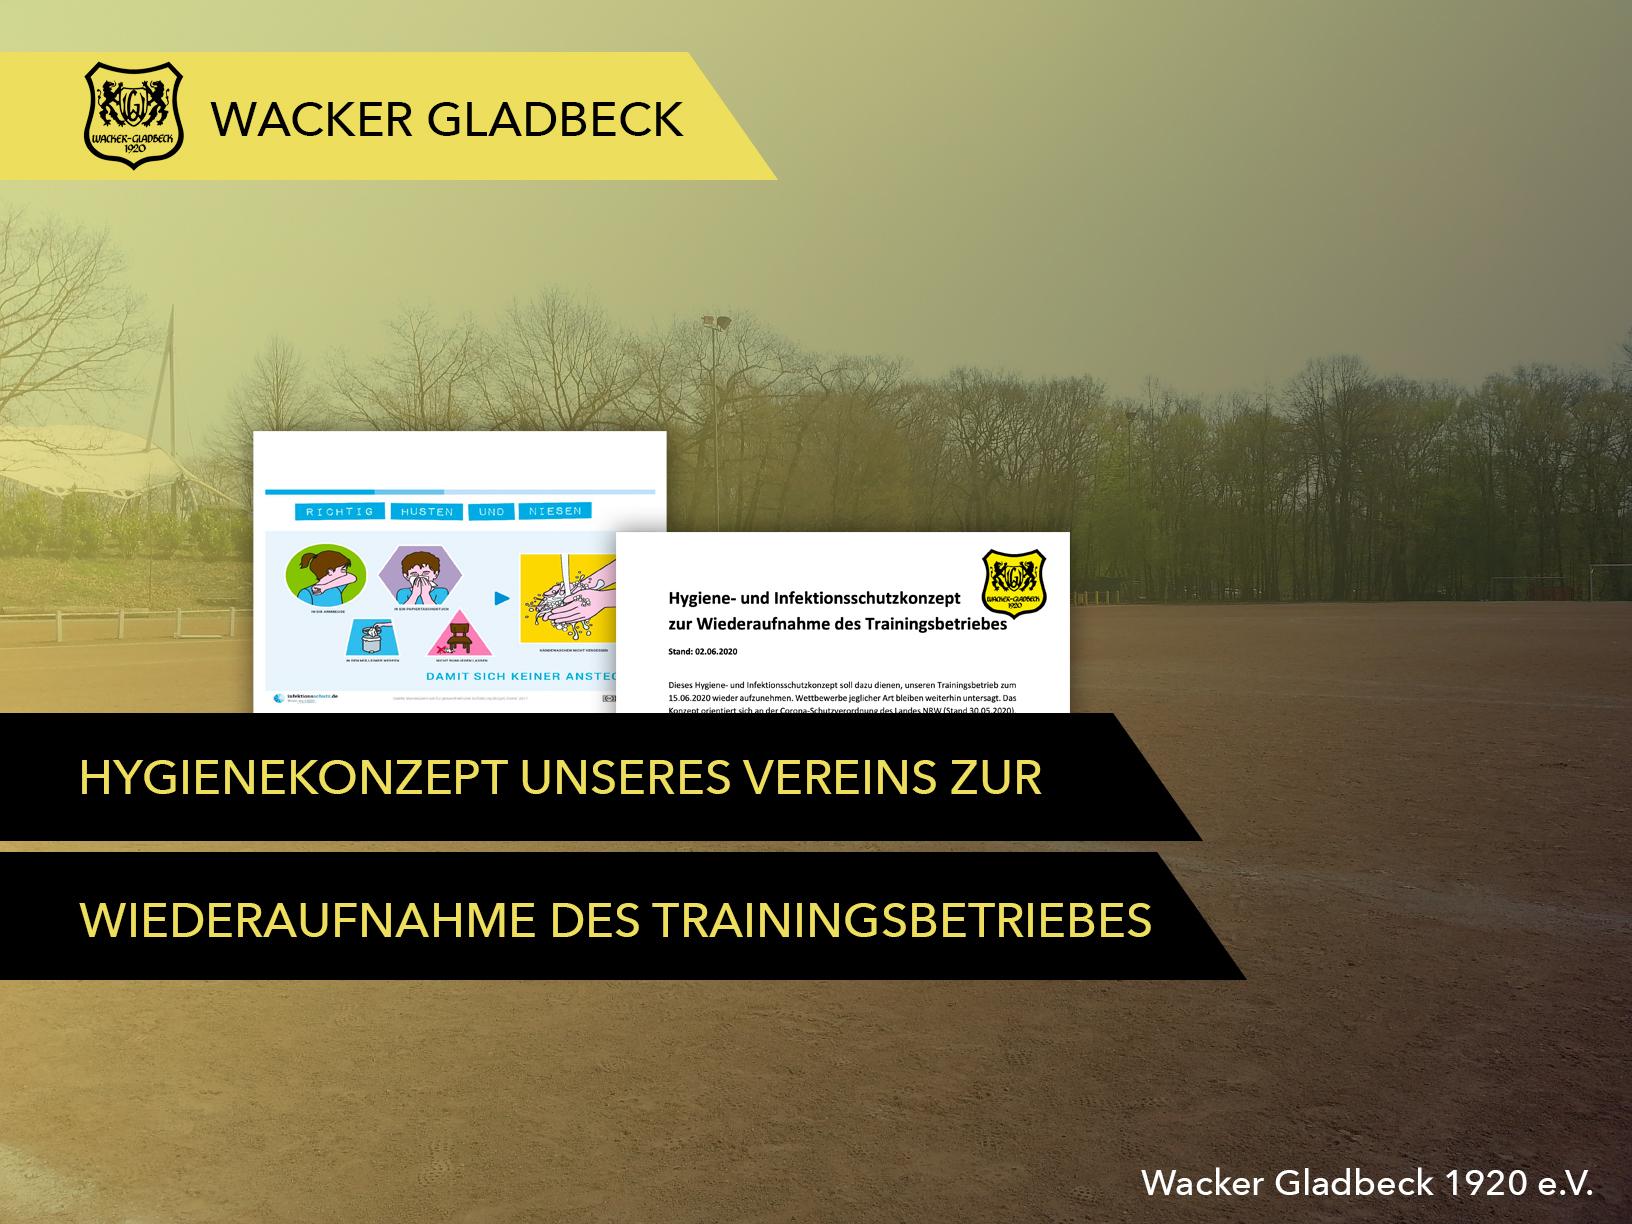 Wacker Gladbeck - Wiederaufnahme des Trainingsbetriebes